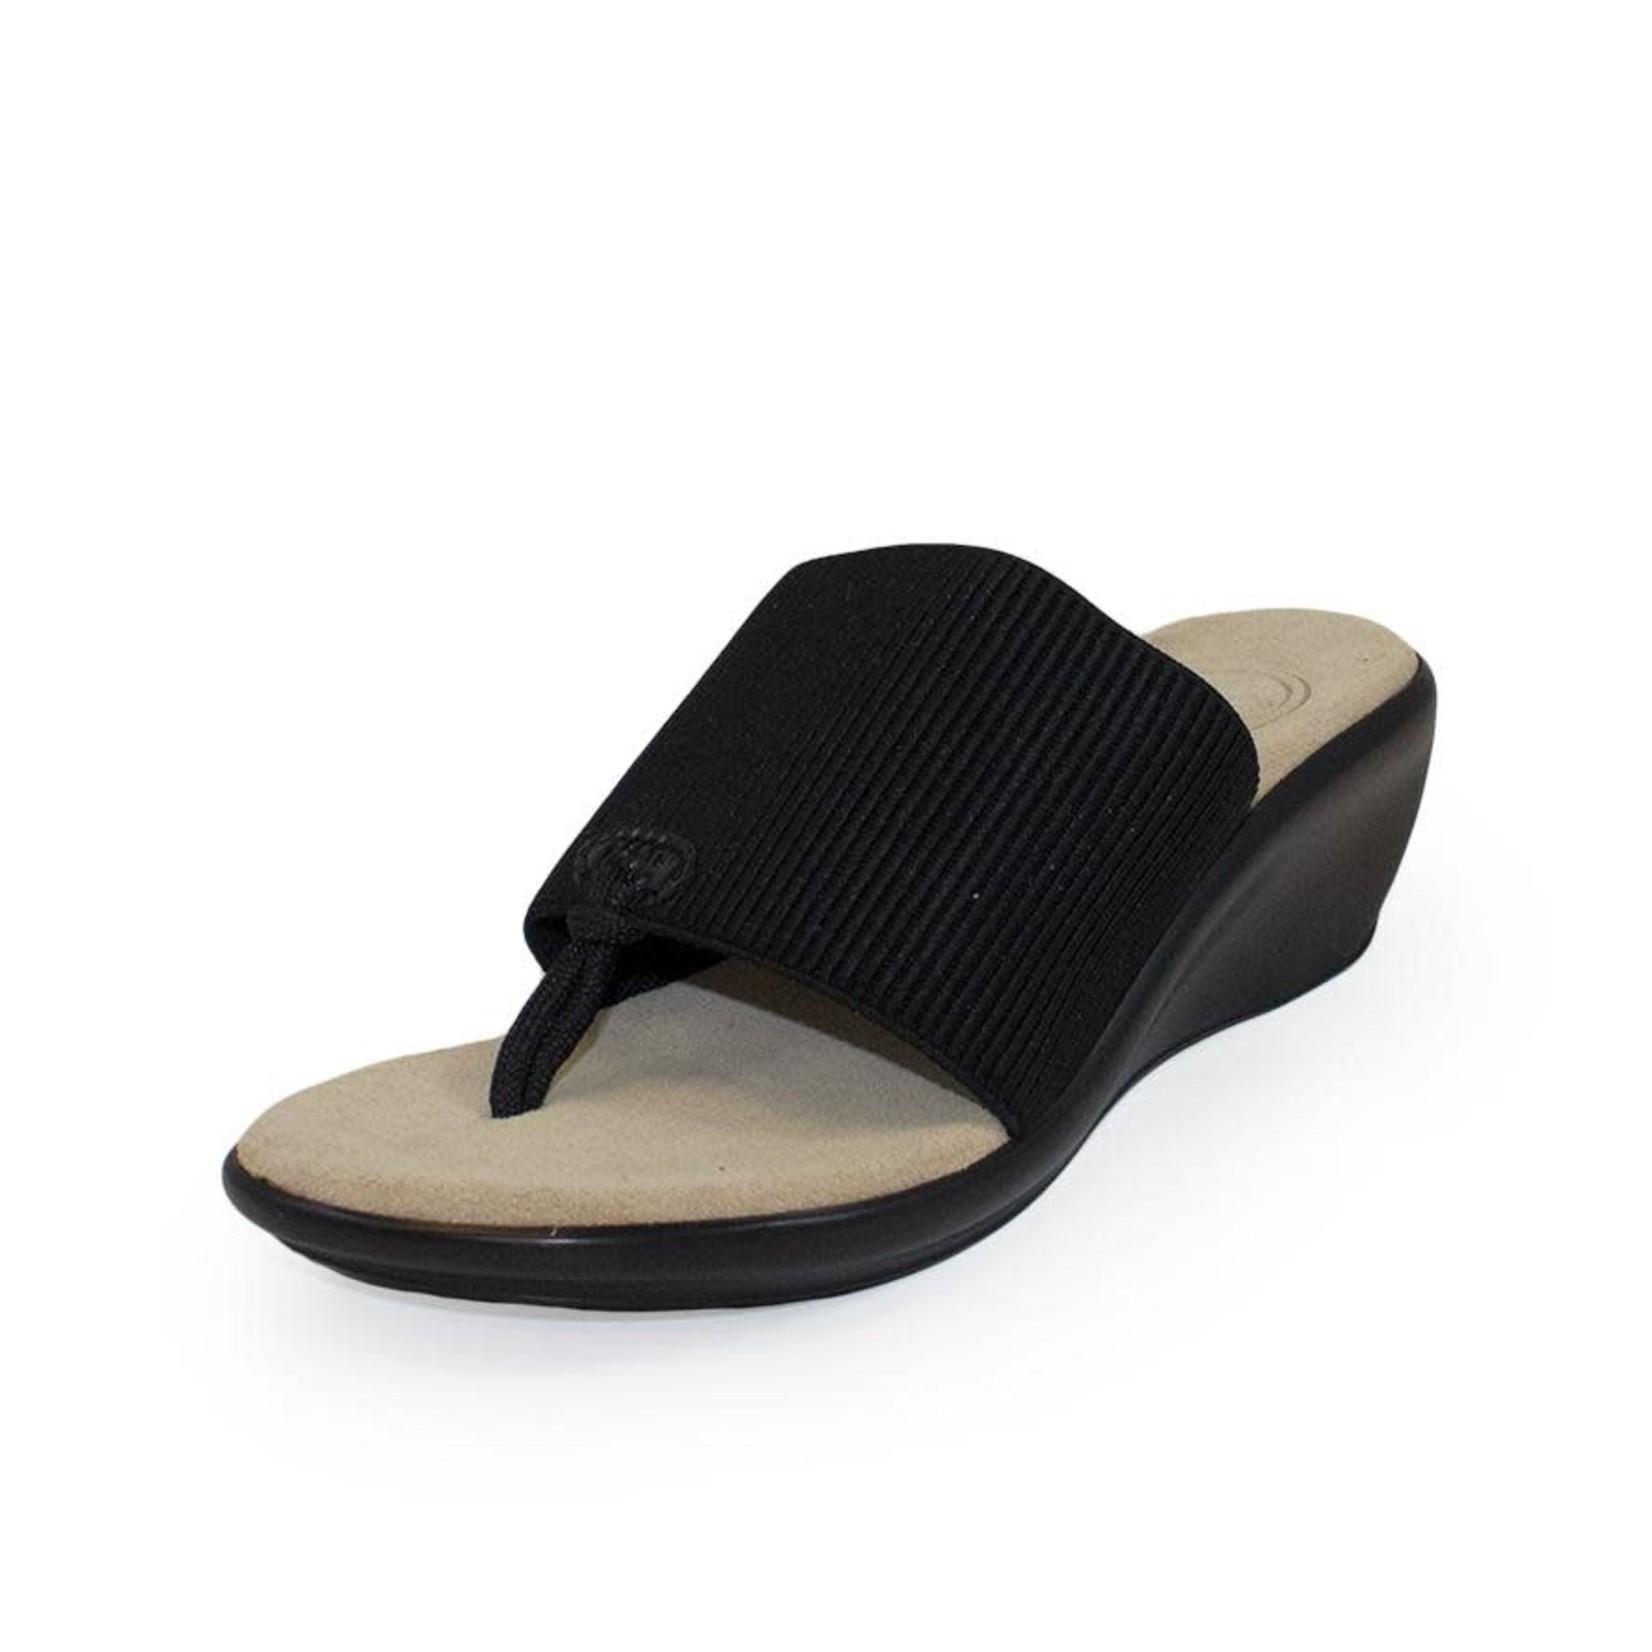 Hilton Shoe in Black 10